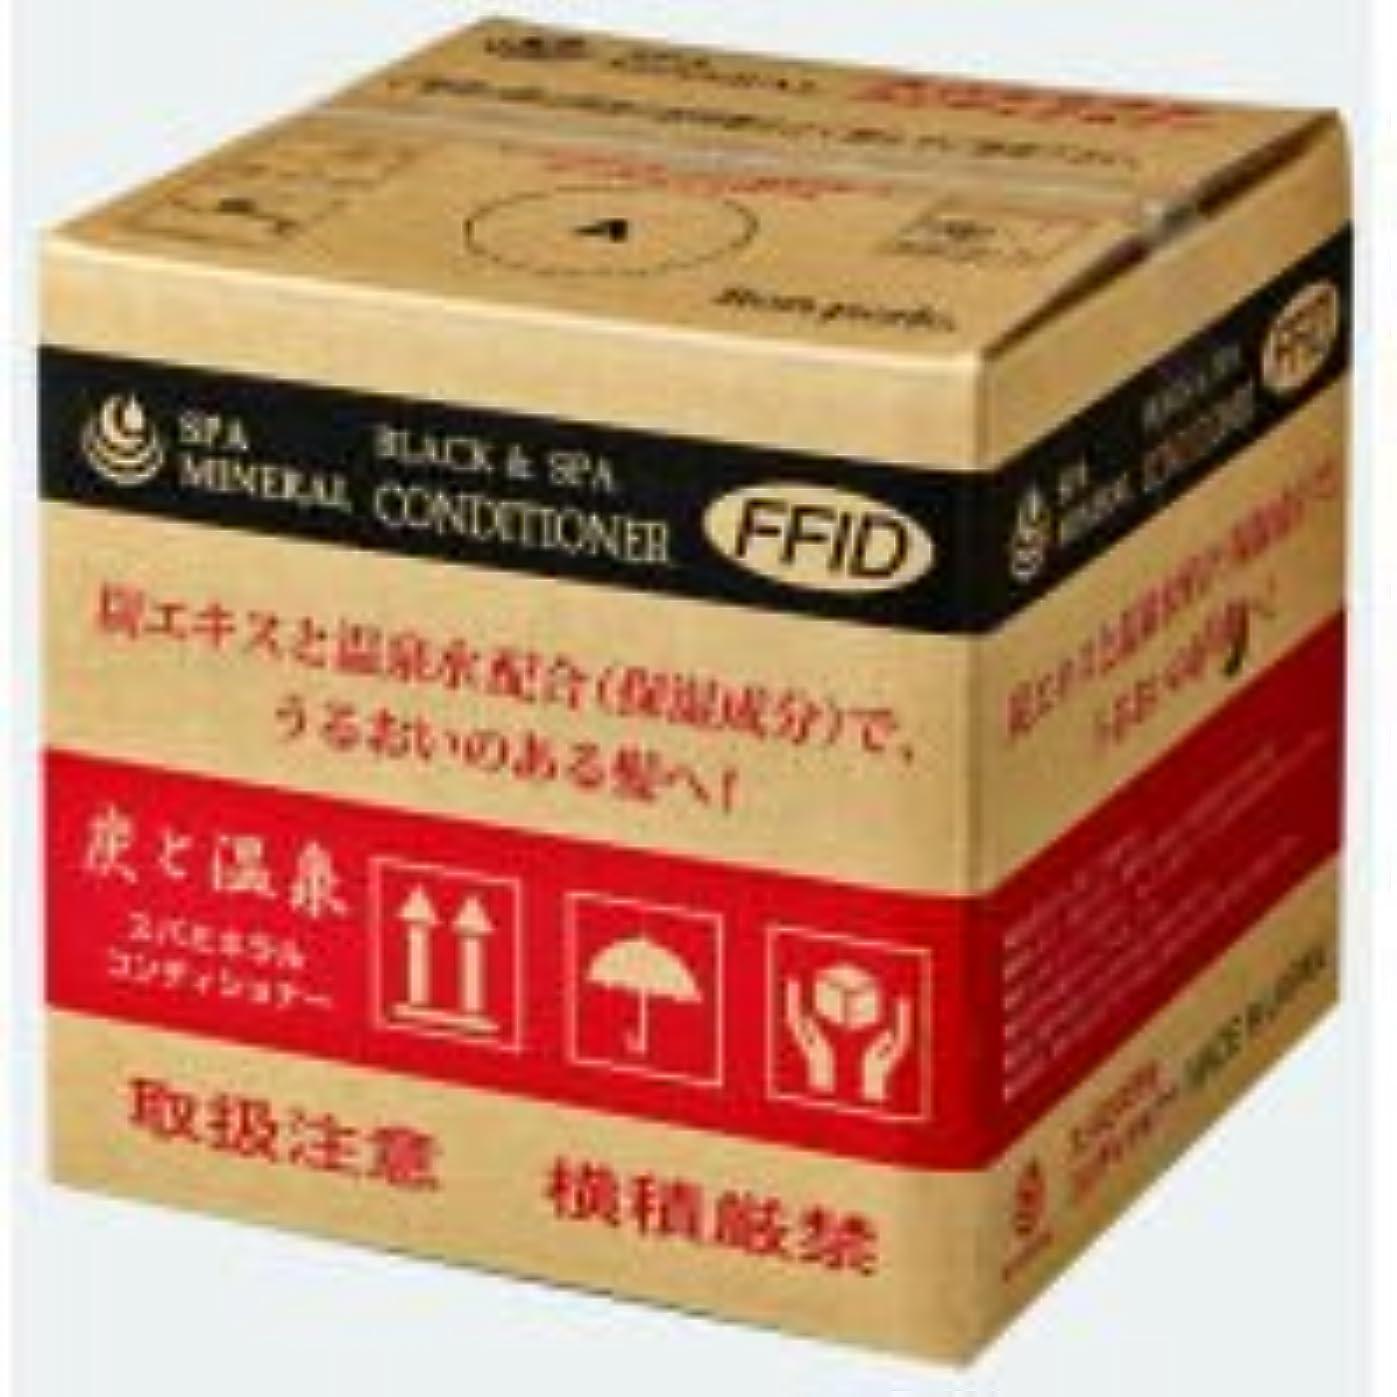 作りインストールプランタースパミネラル 炭コンディショナー 20kg 詰替用